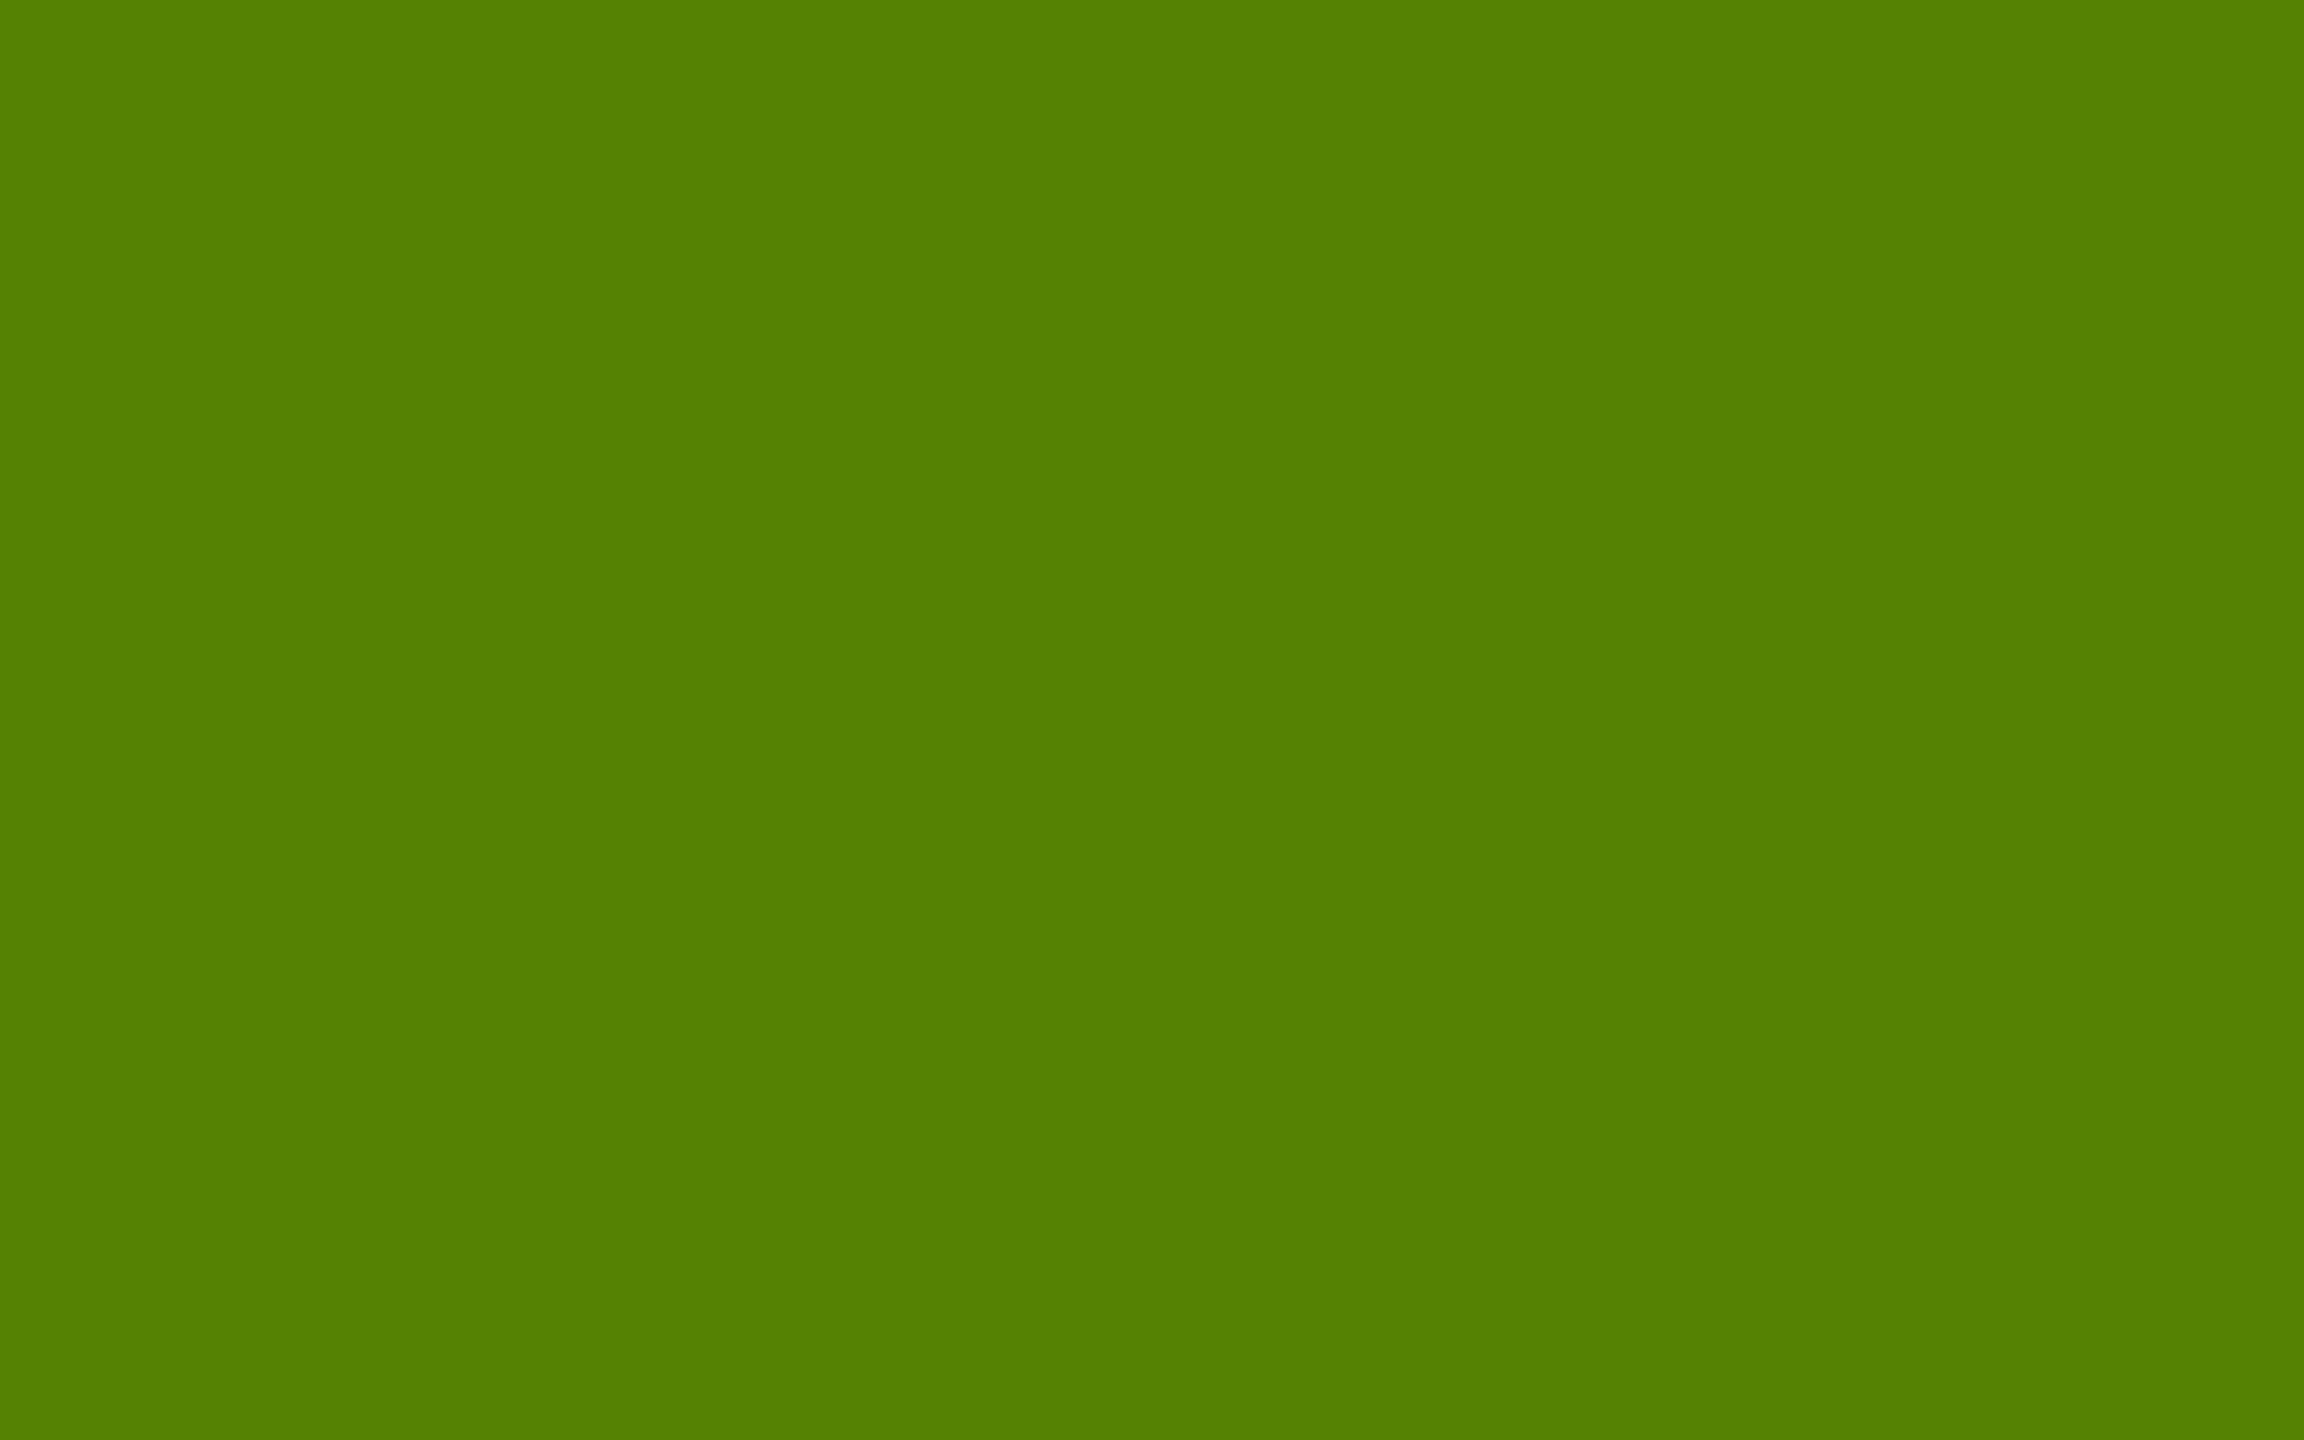 2304x1440 Avocado Solid Color Background